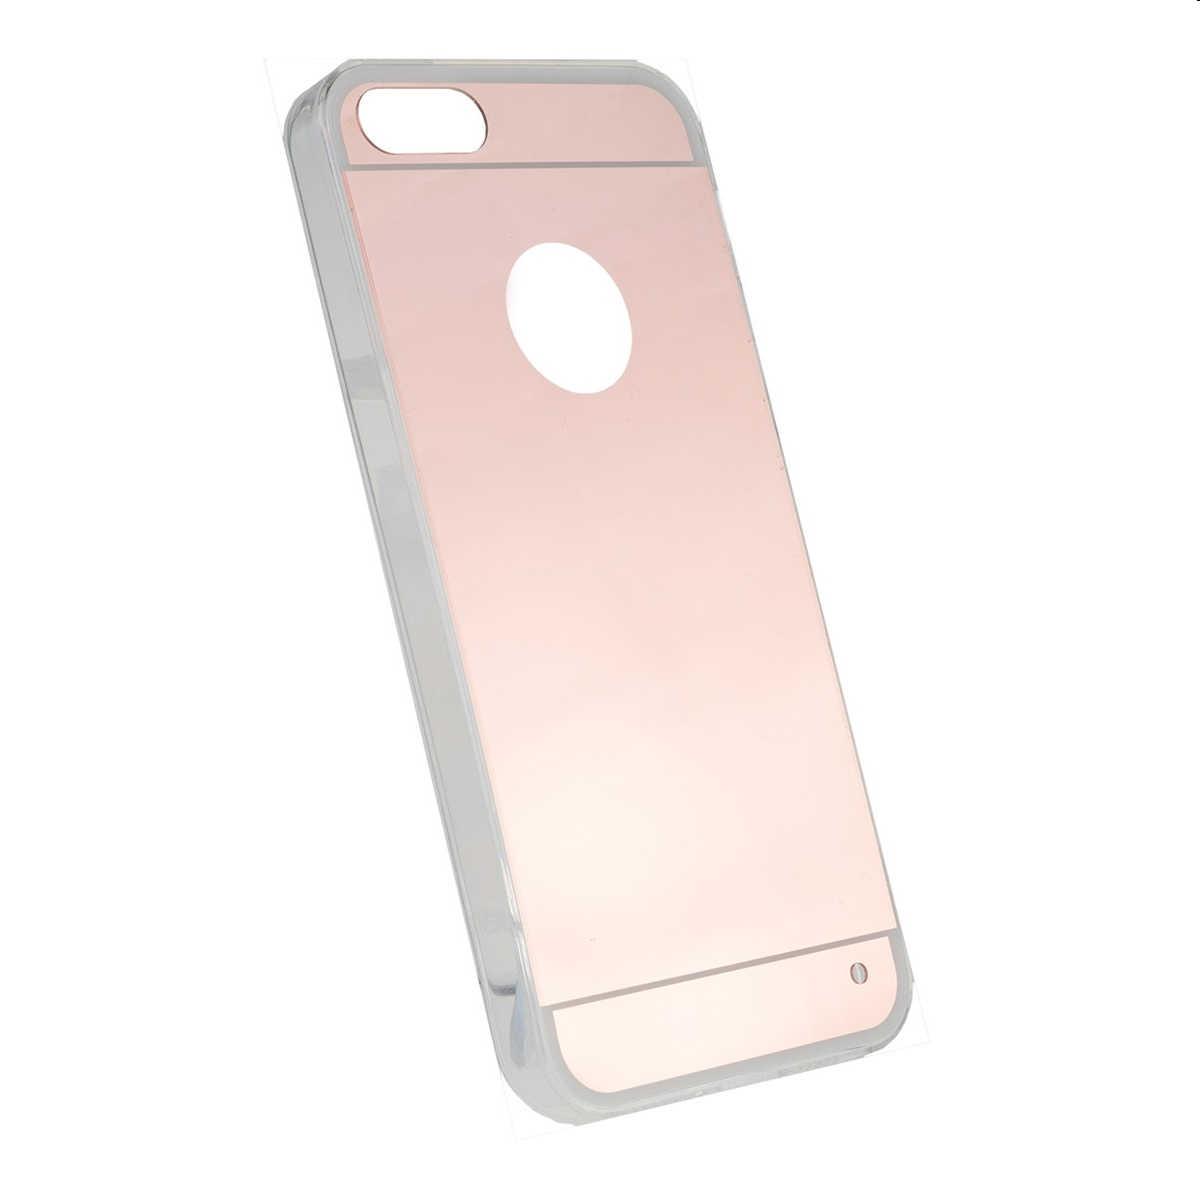 Forcell espejo aluminio tpu carcasa trasera ultra delgada for Espejo transparente